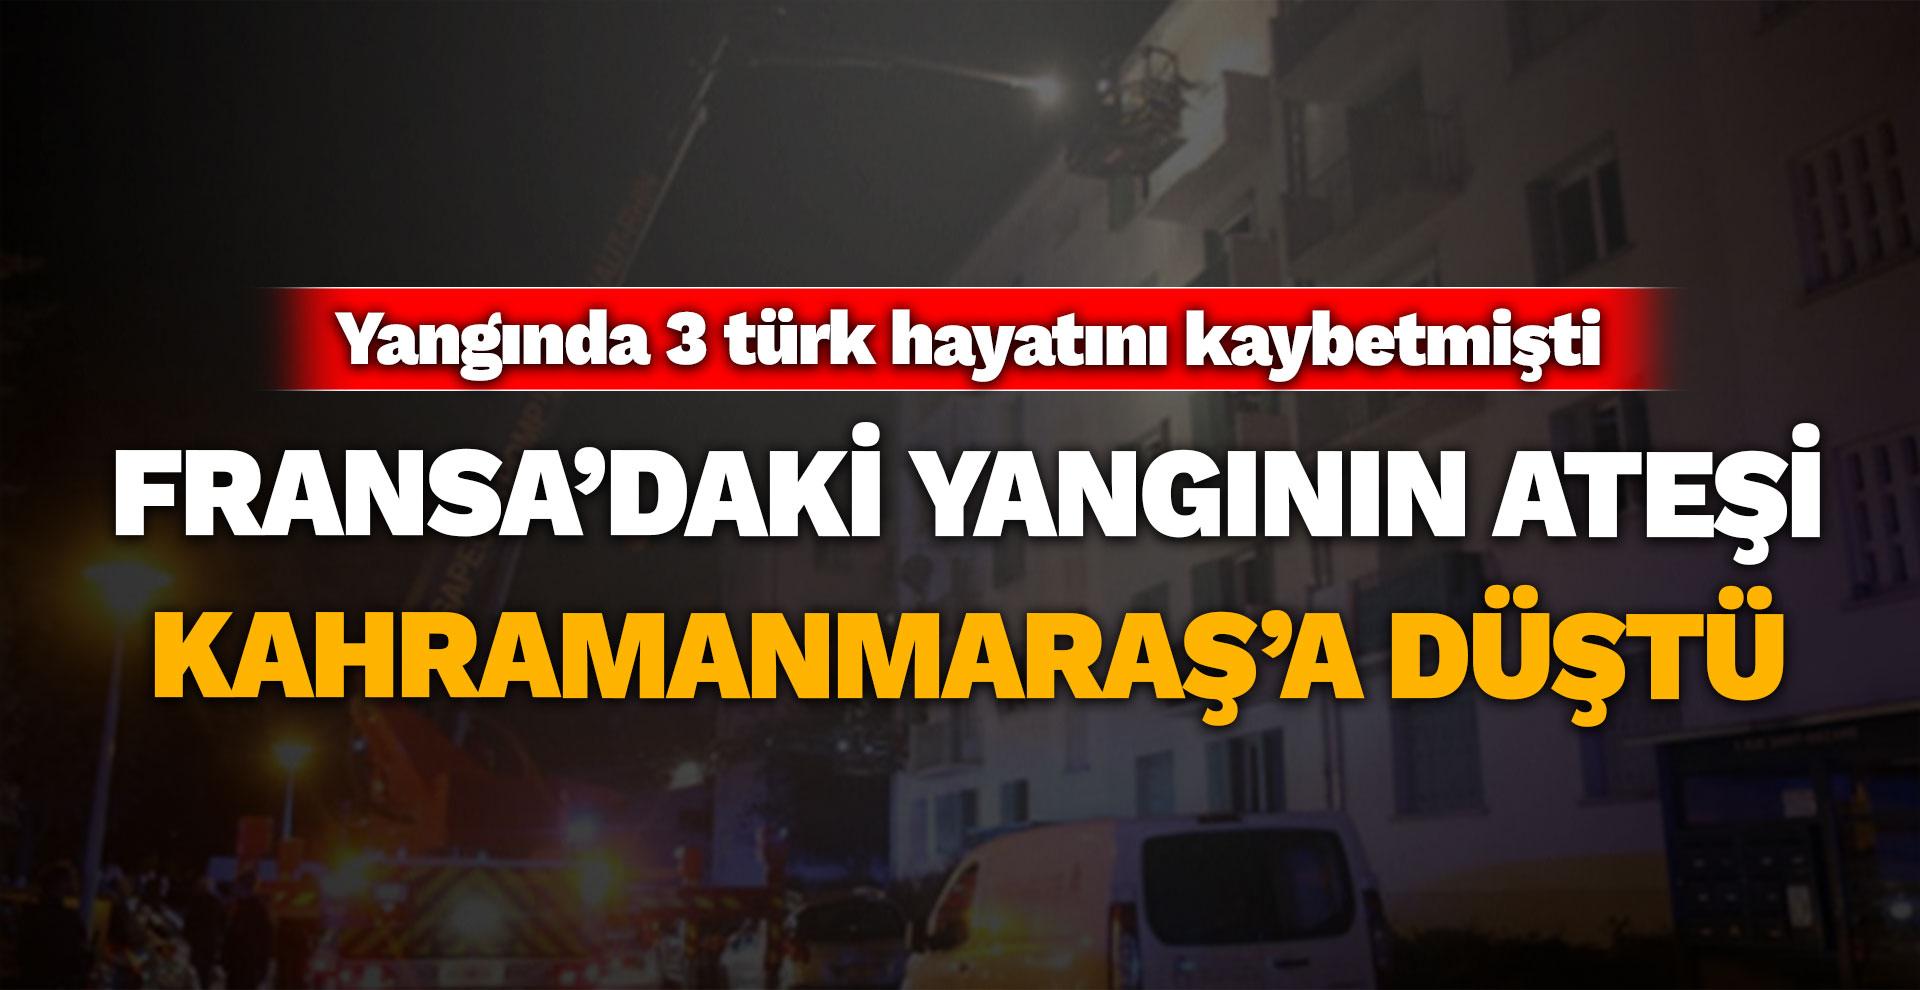 Fransa'daki yangının ateşi Kahramanmaraş'a düştü